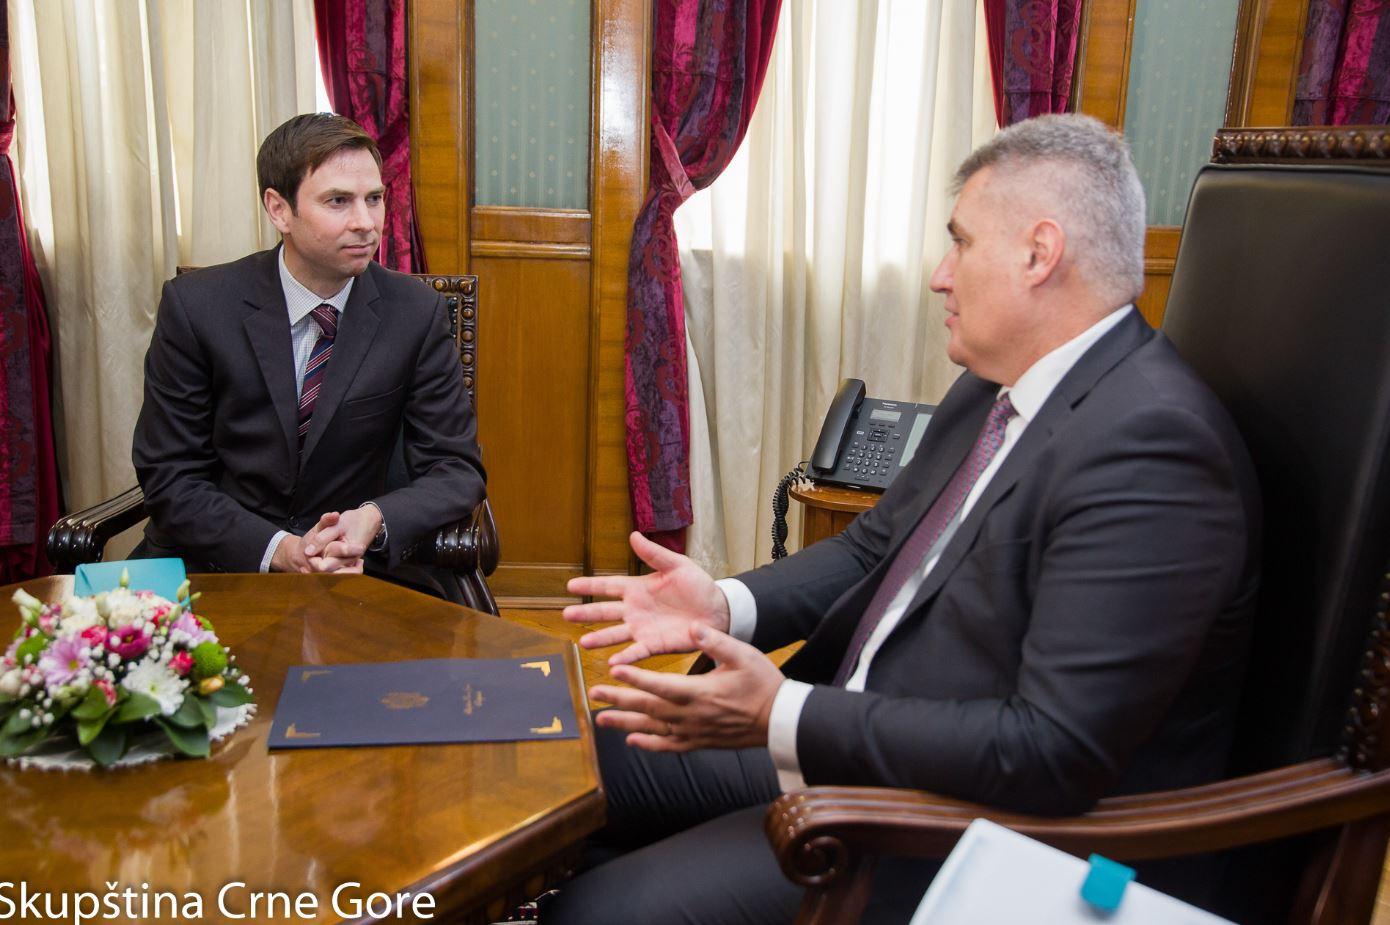 Ujedinjeno Kraljevstvo nastavlja podršku reformama u Crnoj Gori